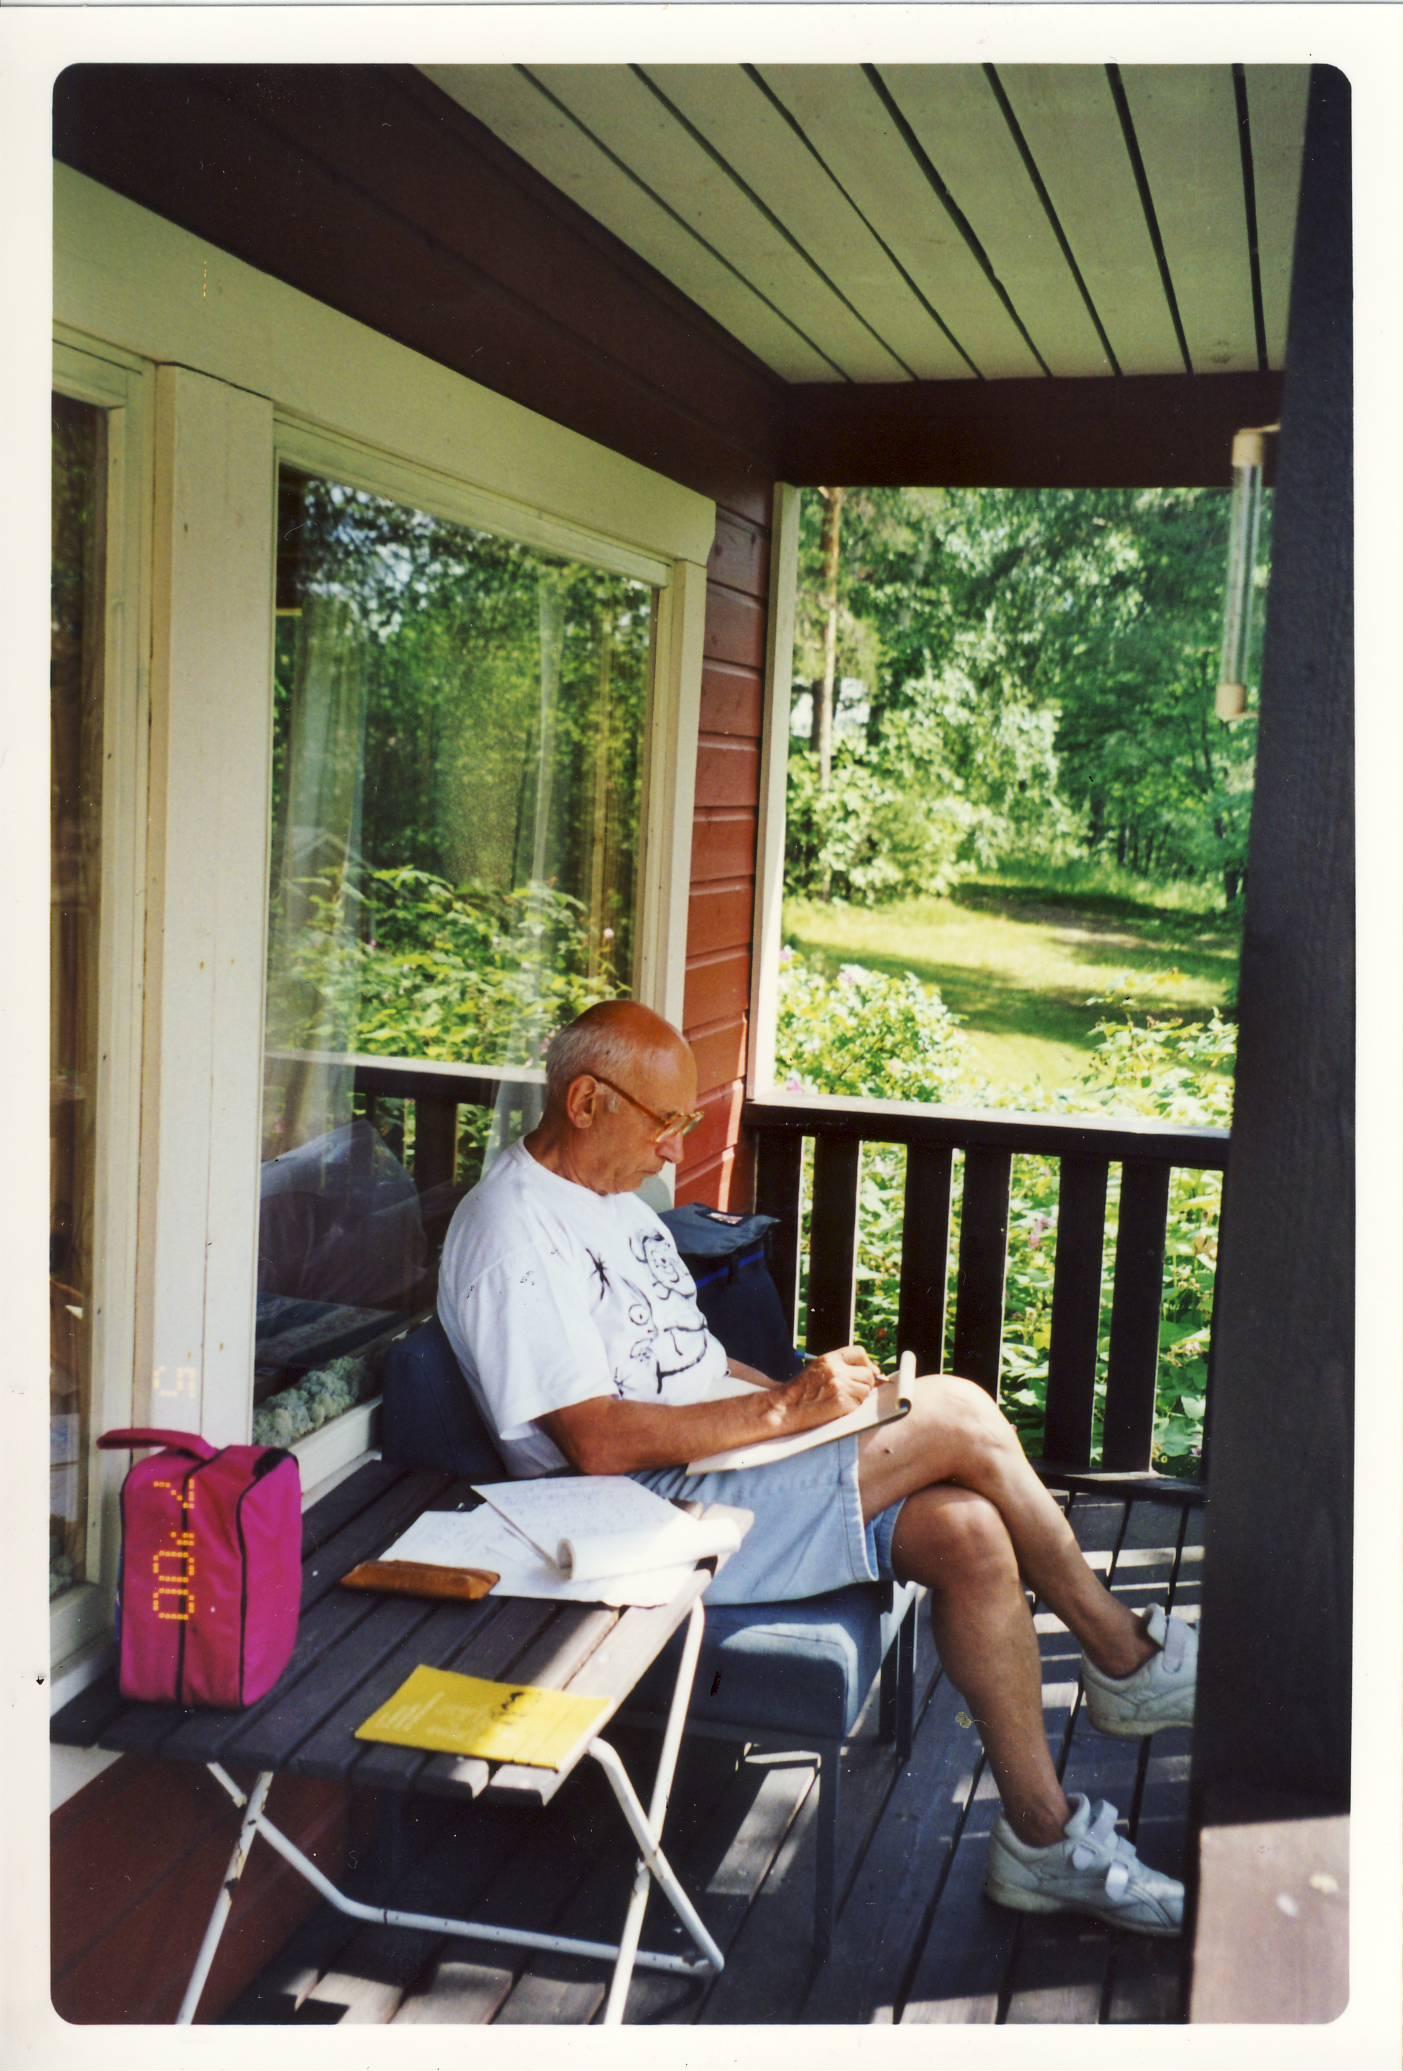 Samoil Bileňkij pracuje ve svém venkovském domě ve Vancouveru. Foto: archiv autora.